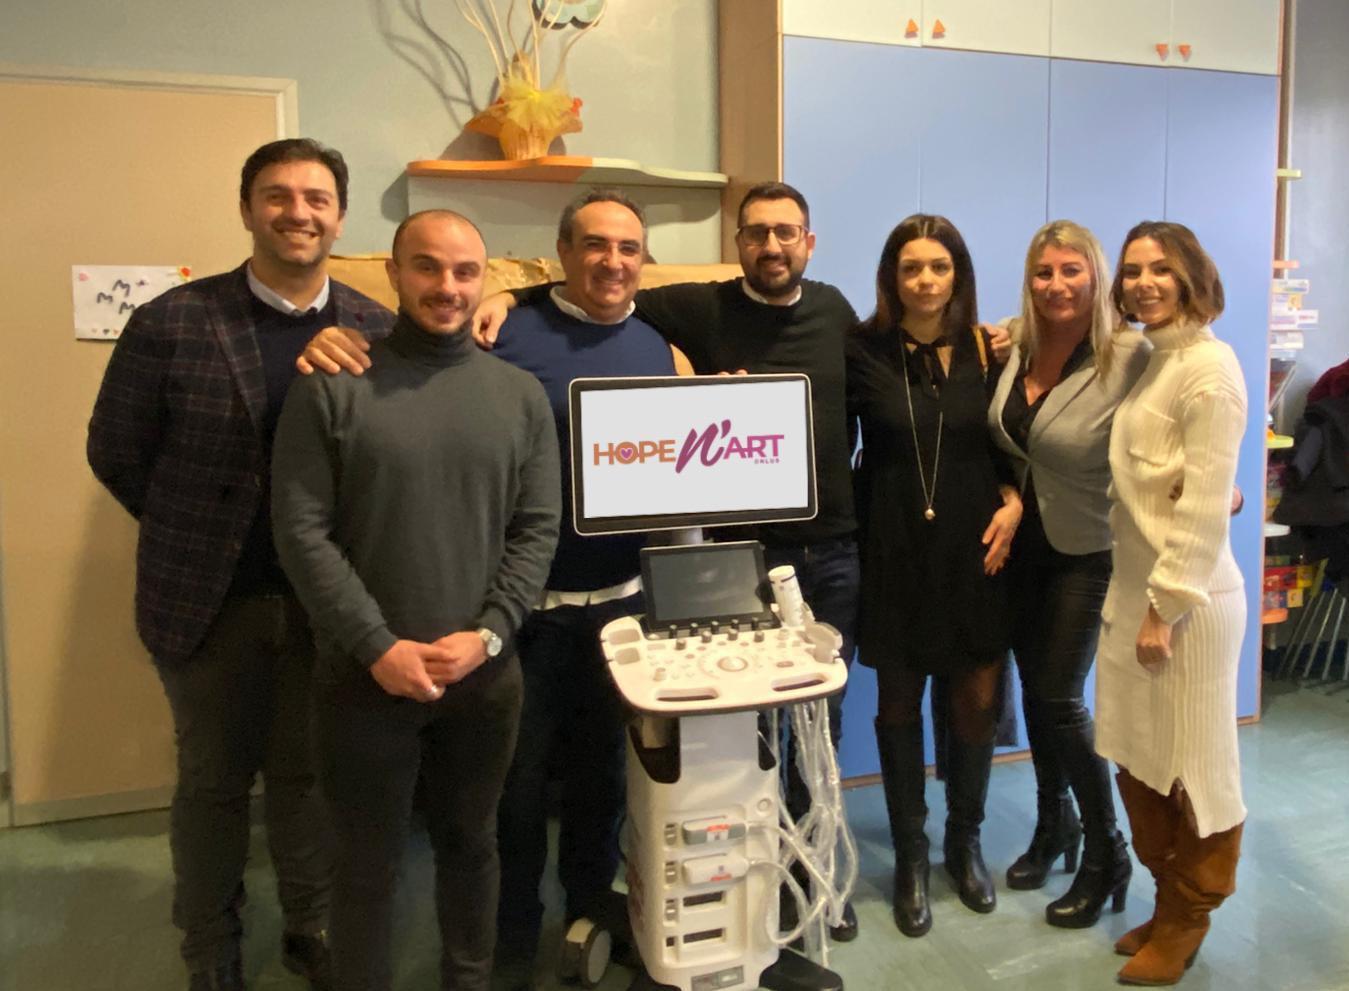 E' stato acquistato l'ecografo per l'ospedale di Pescara!